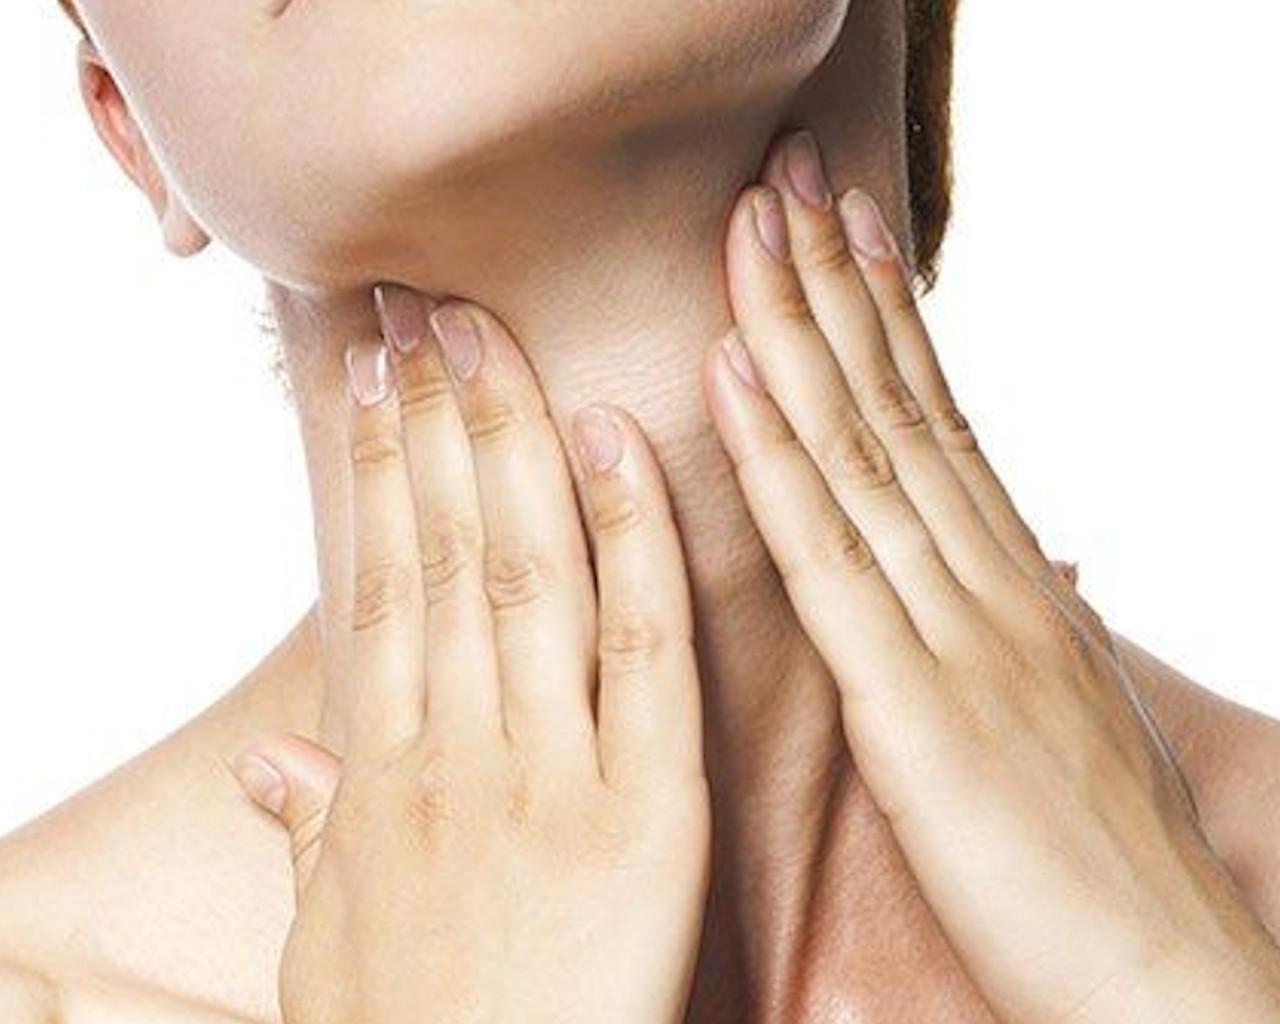 κολιανδρος,θυροειδης,αντιμετωπιση θυροειδους,αντιμετωπιση θυροειδη,αντιμετωπιση θυροειδη,αντιμετωπιση θυροειδη χωρισ φαρμακα